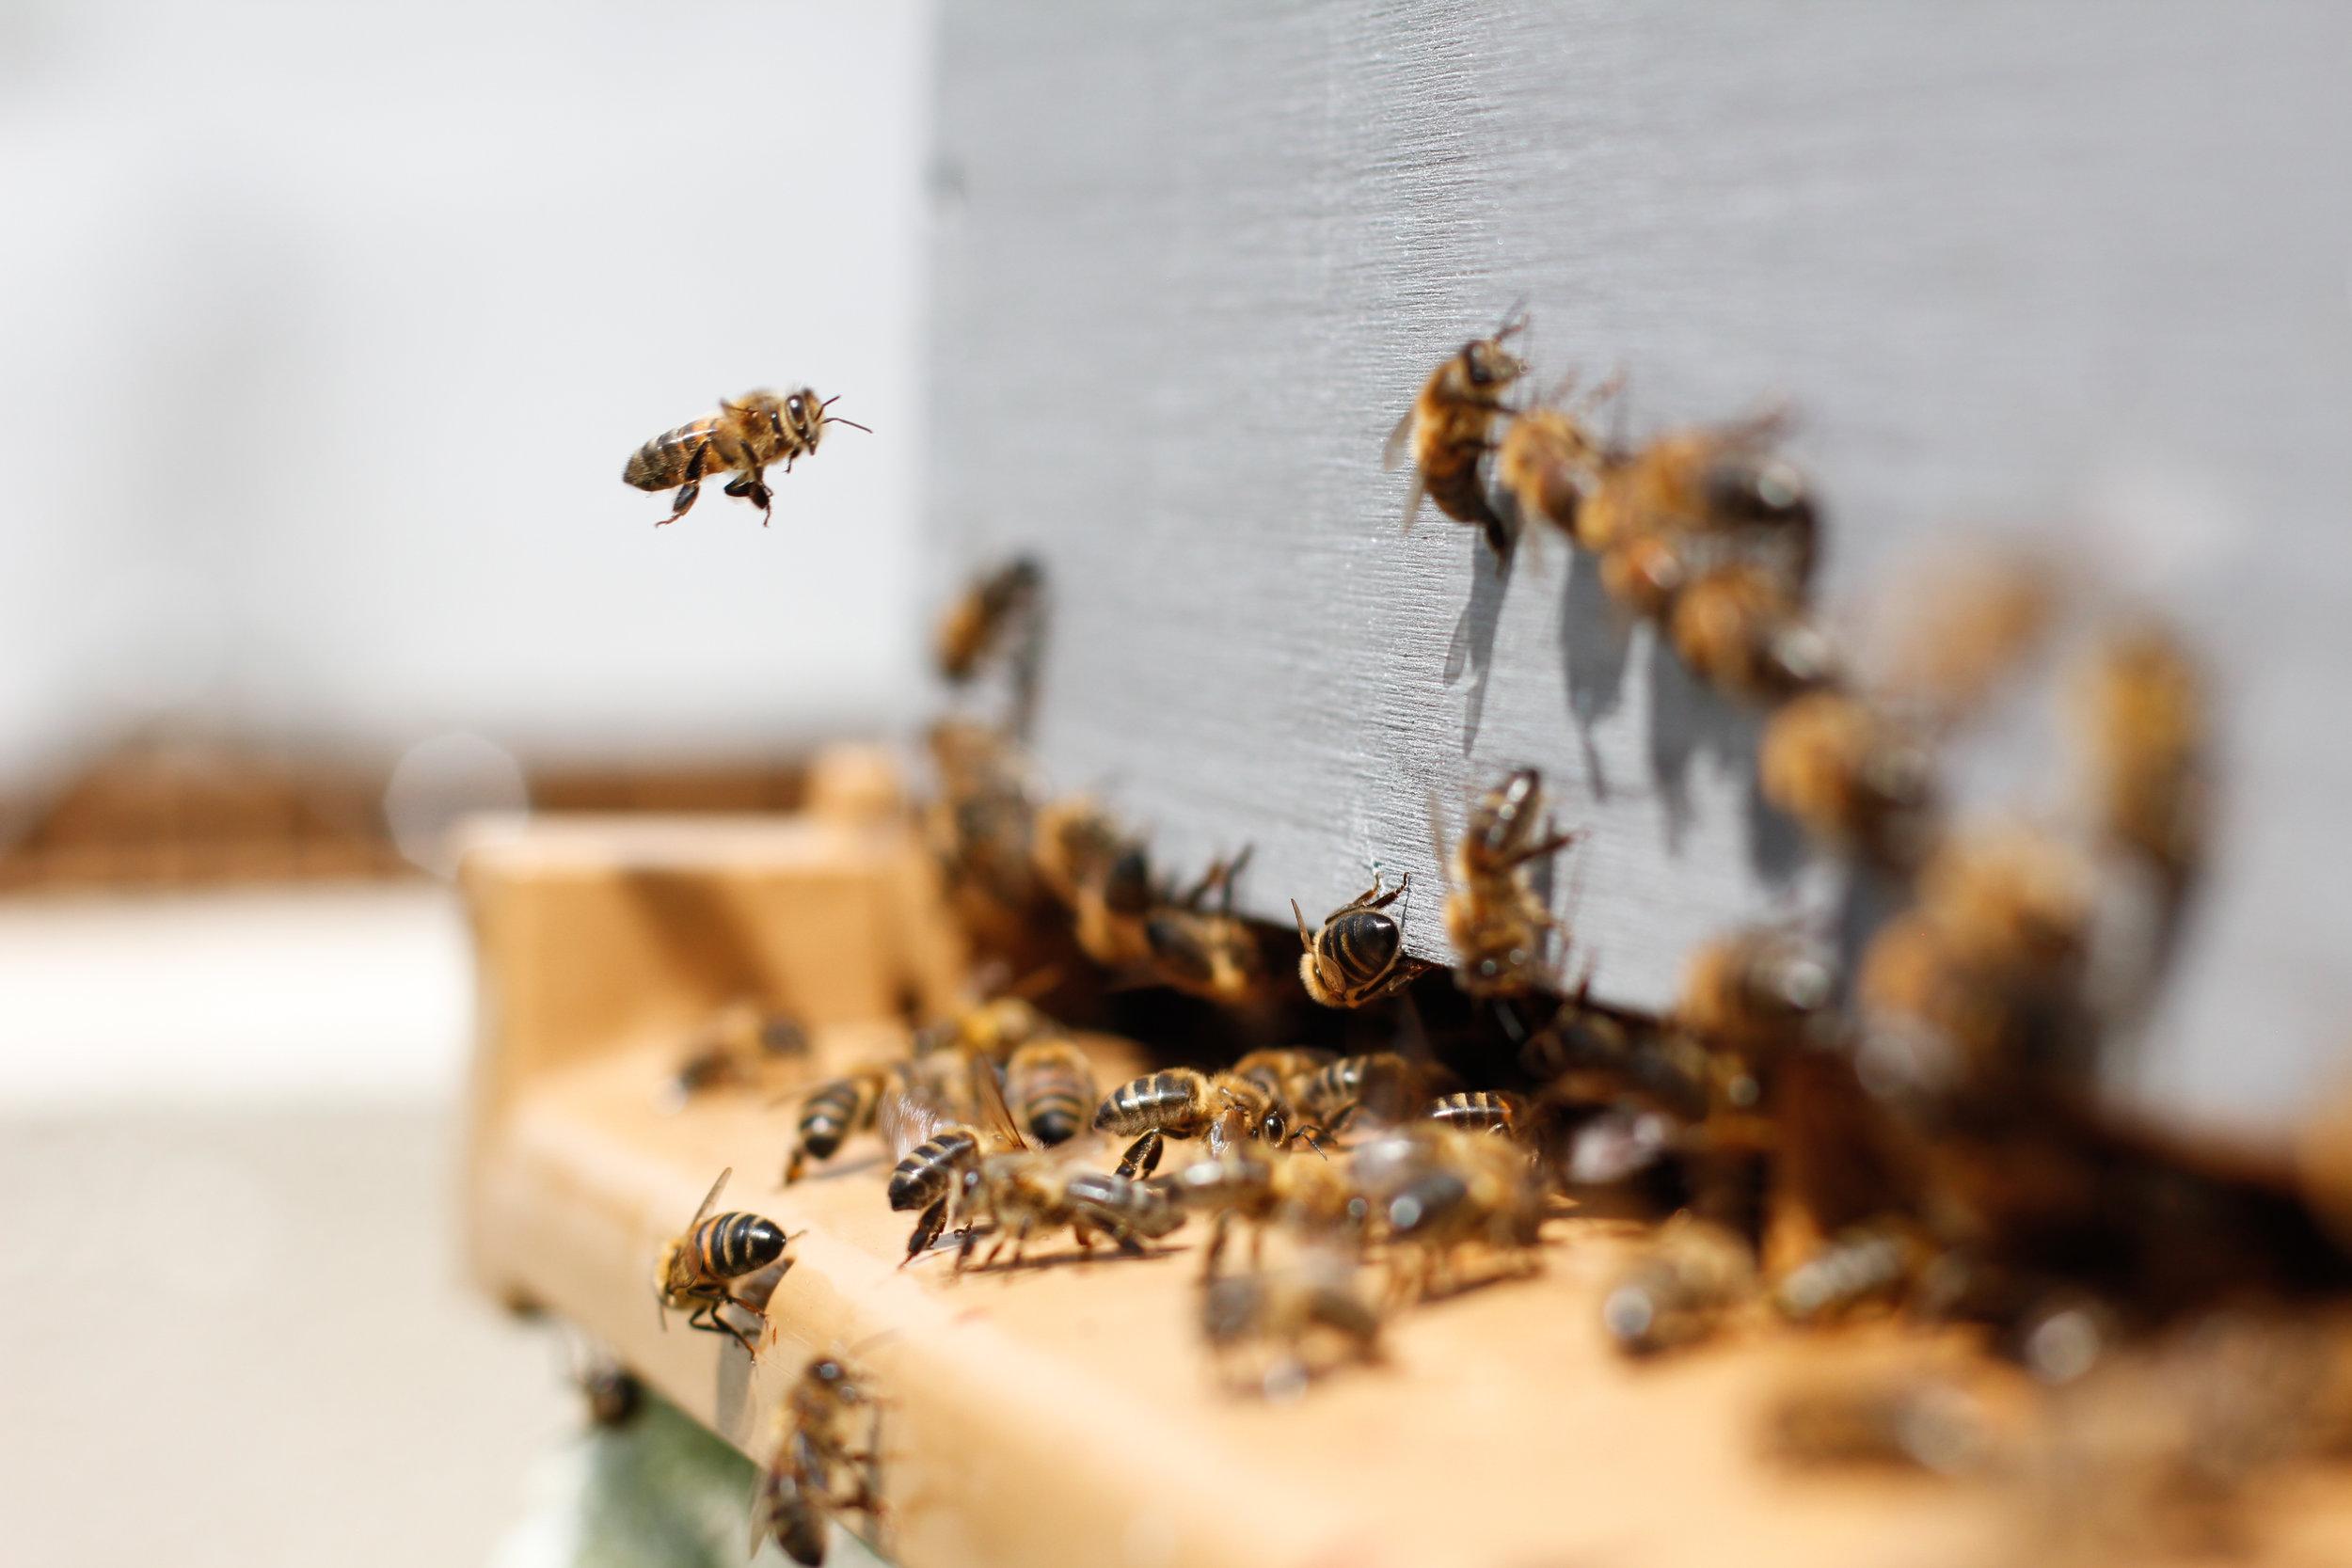 Het is een wonder van de natuur hoe honingbijen onderling communiceren door hun bijendans op te voeren. Efficiënt en doeltreffend. Wij mensen gebruiken verbale en non-verbale taal. Dit doen wij niet uitsluitend om ecologisch met elkaar om te gaan. Bewust of onbewust!